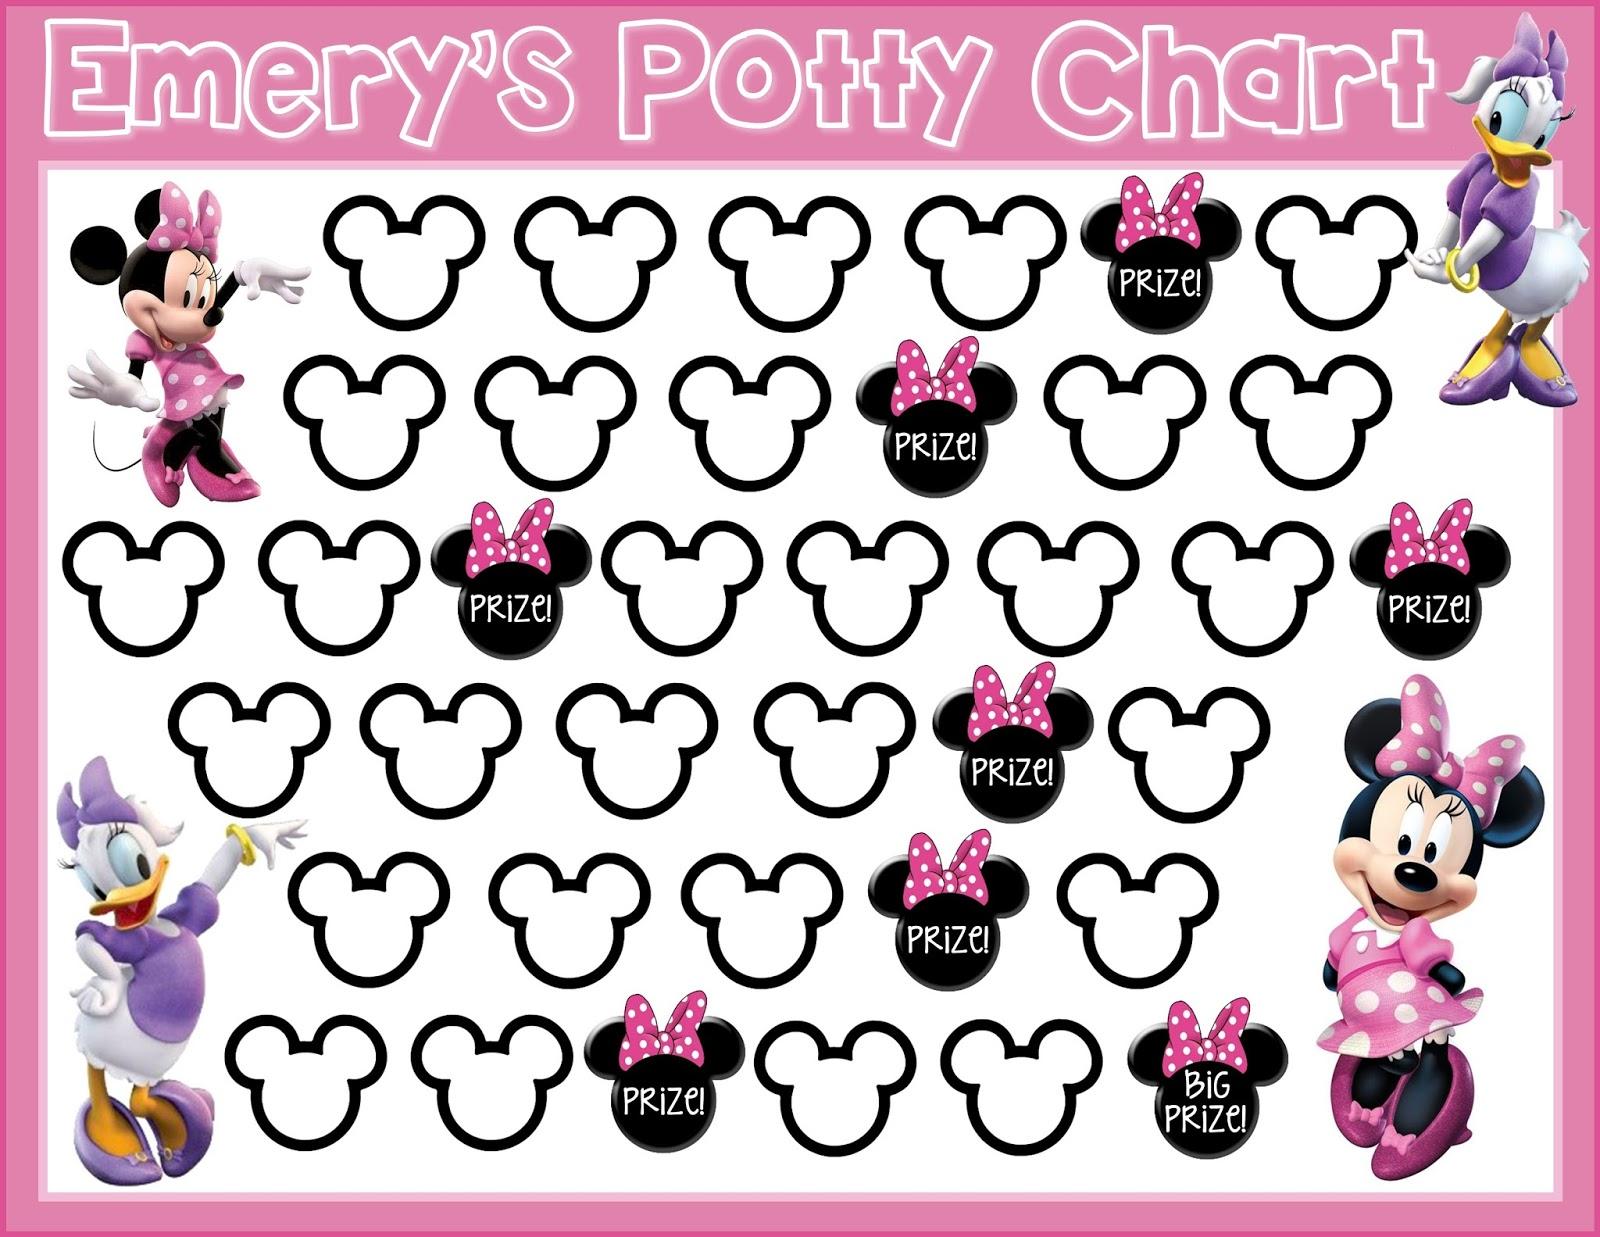 princess potty training chart